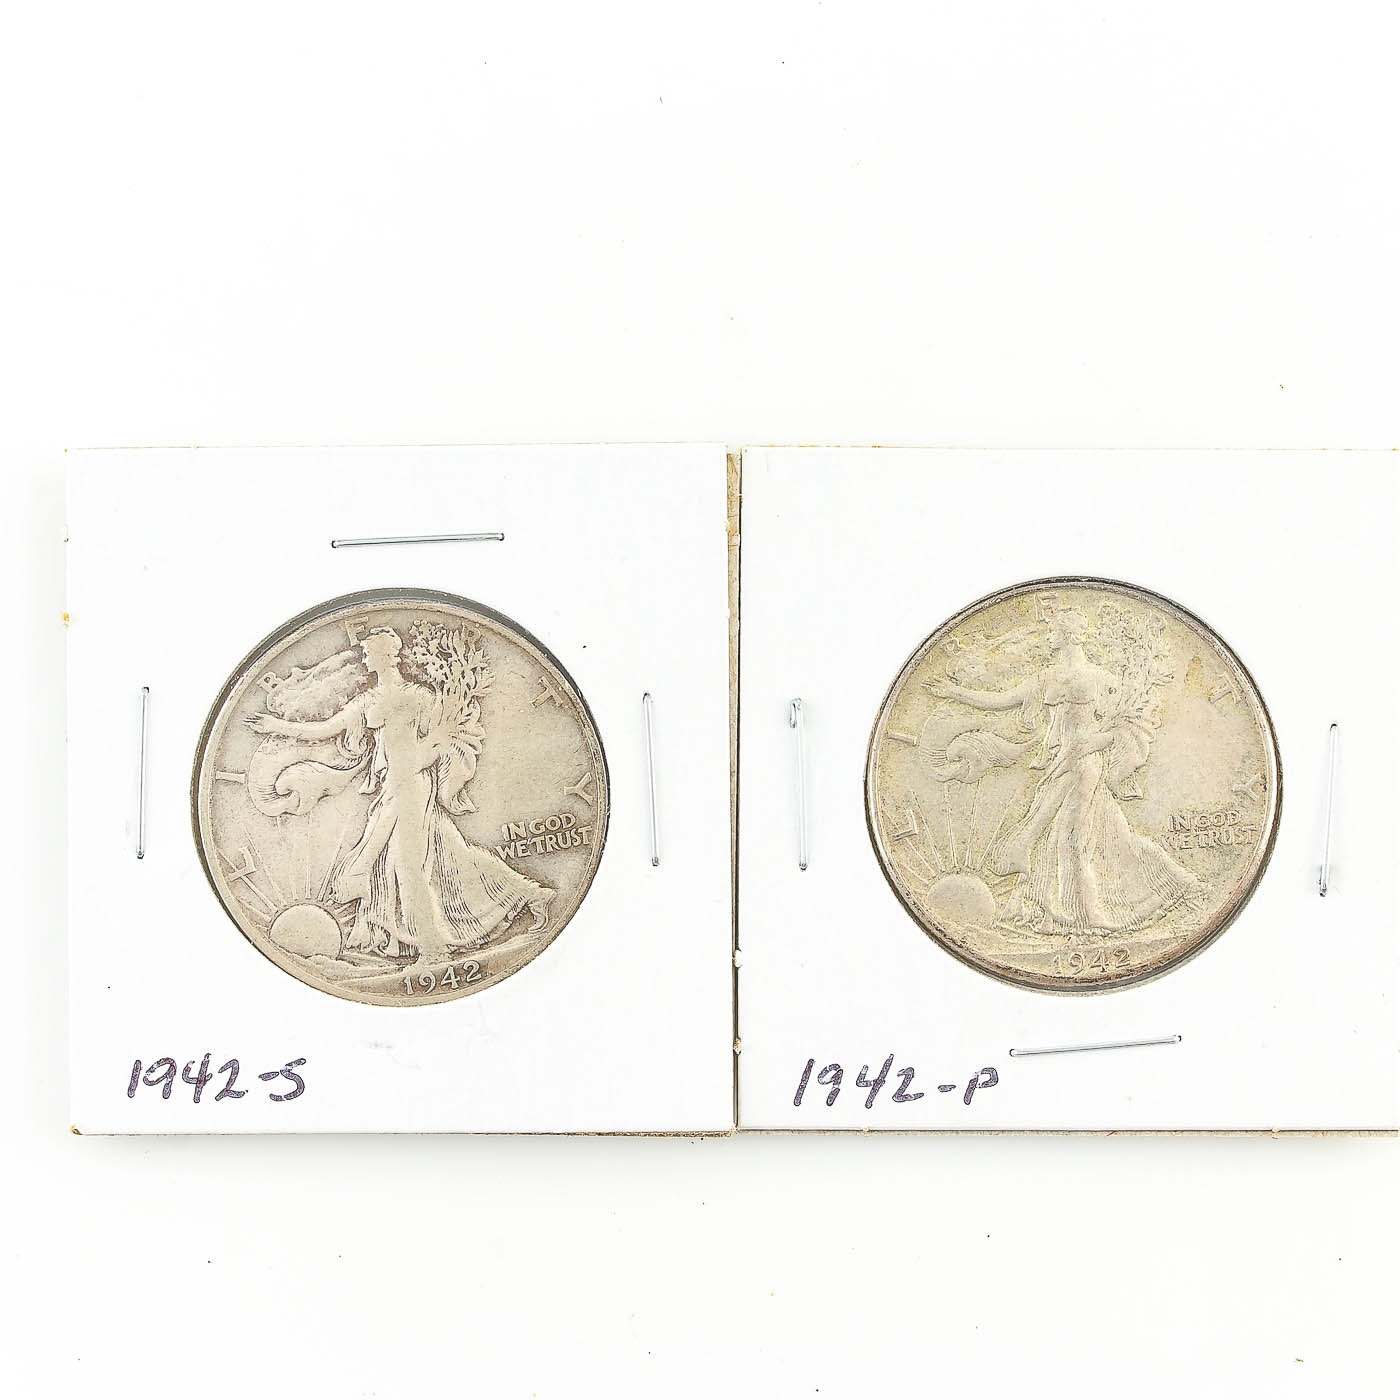 1942 and 1942-S Walking Liberty Half Dollar